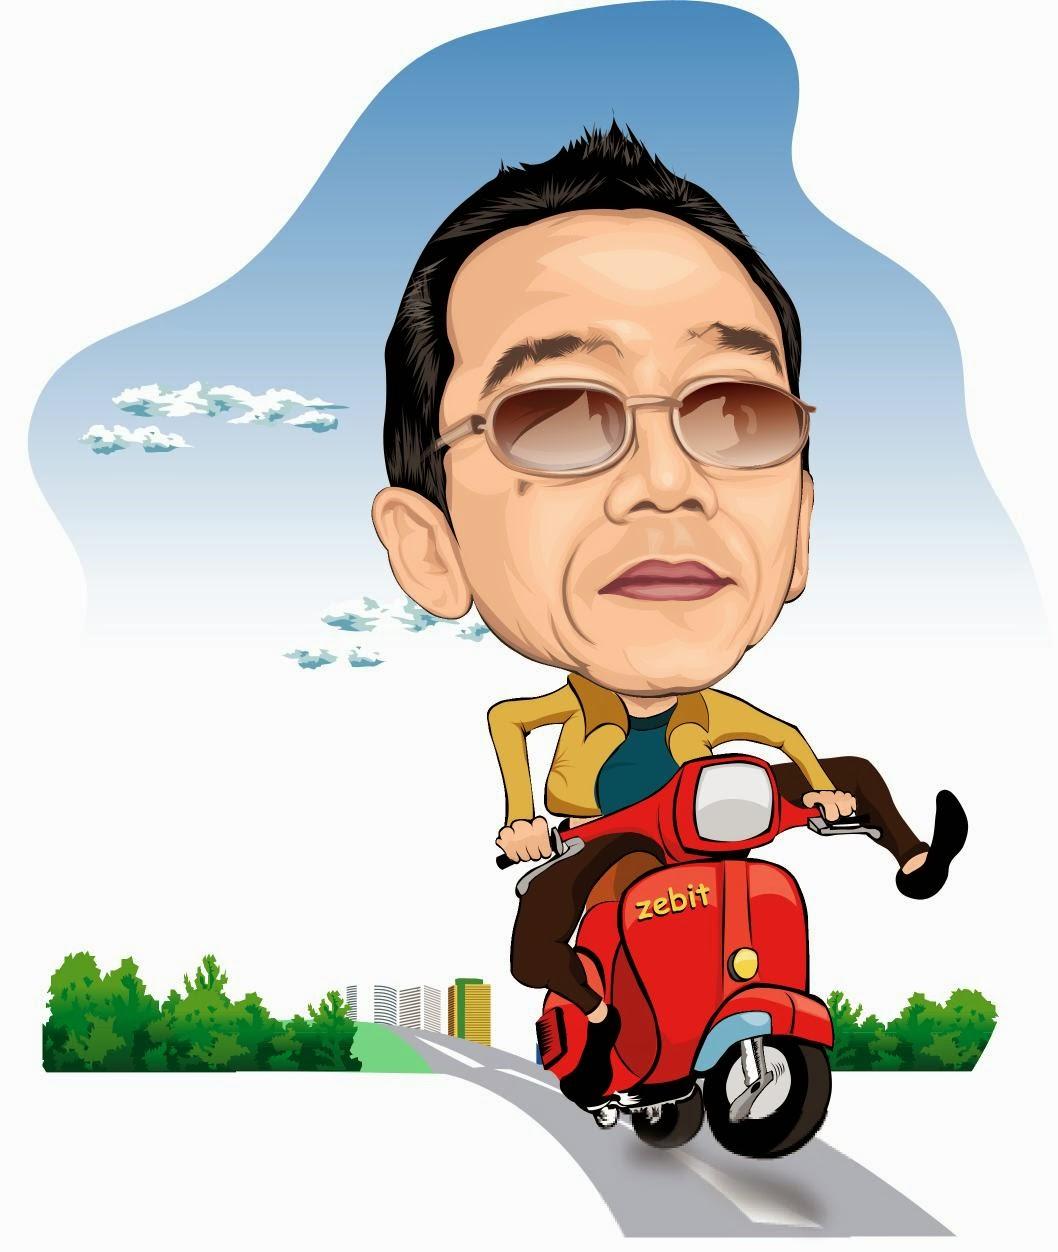 Gambar Lucu Kartun Karikatur